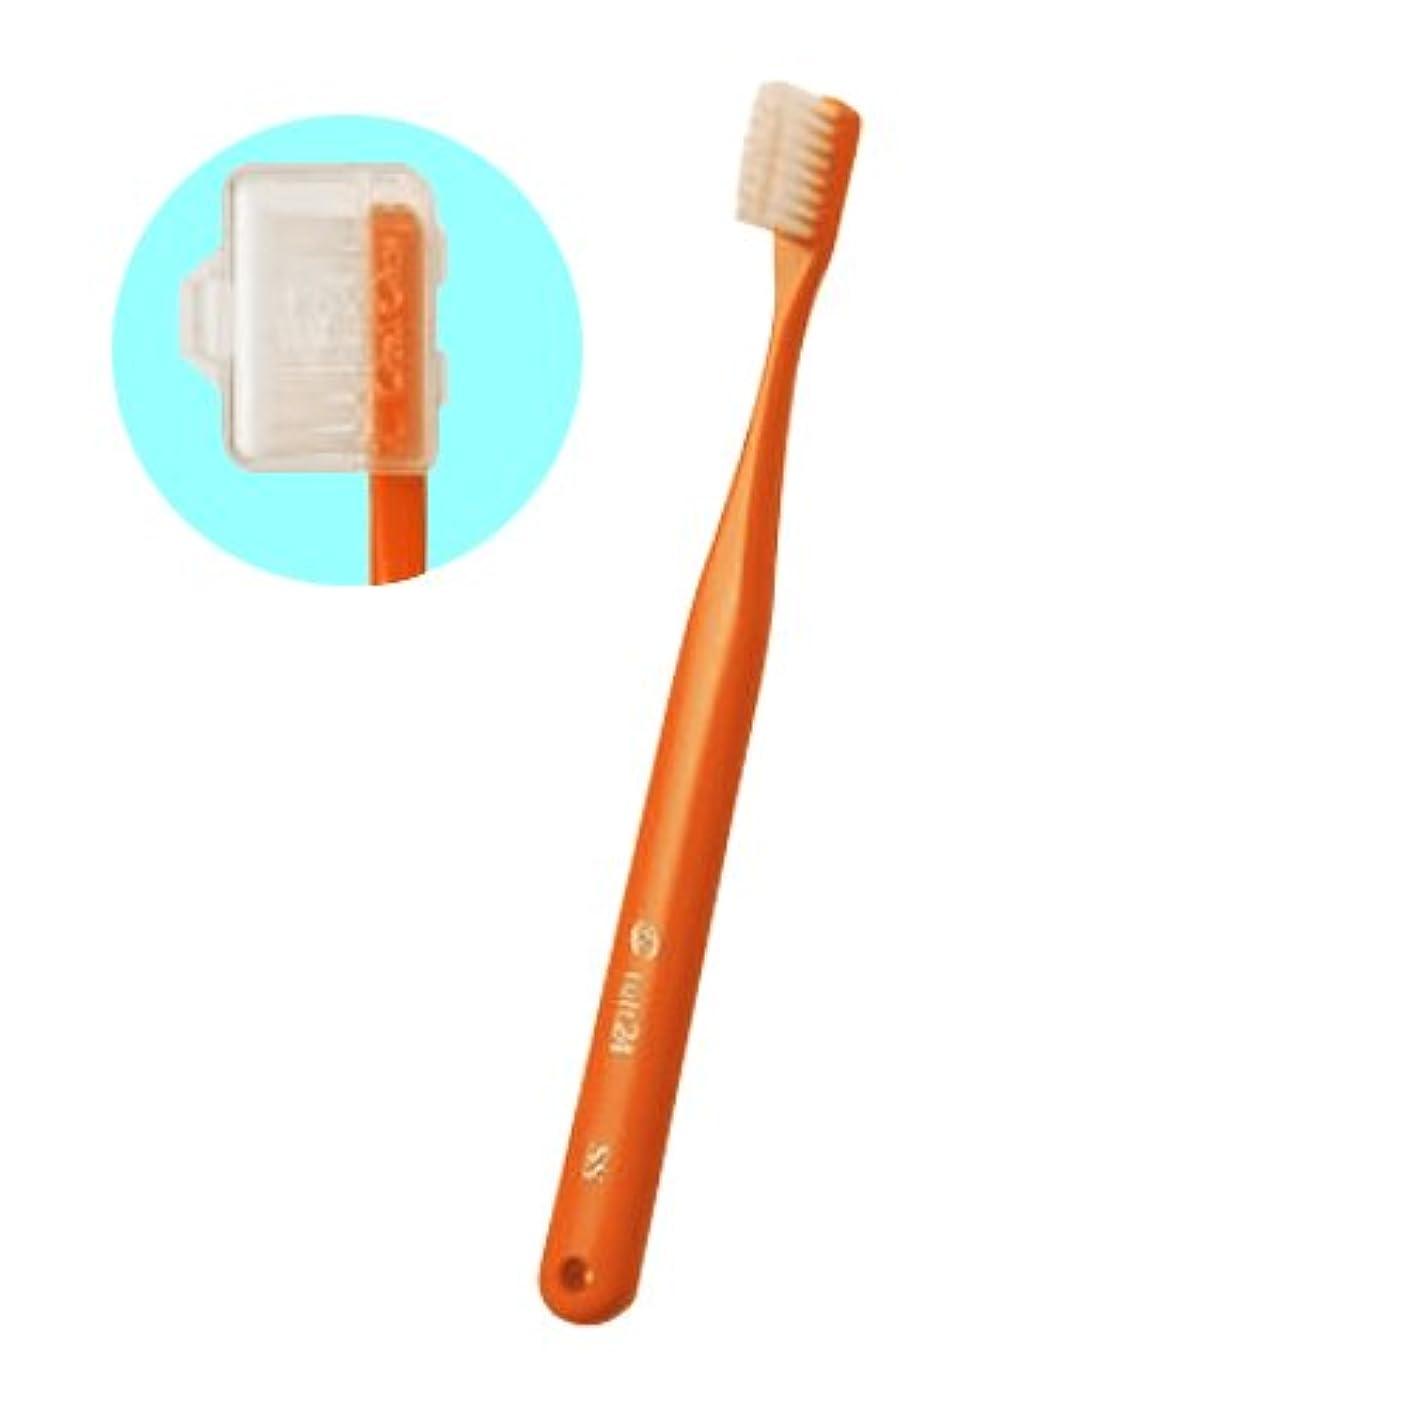 振る舞い免除言い聞かせるオーラルケア キャップ付き タフト 24 歯ブラシ エクストラスーパーソフト 1本 (オレンジ)